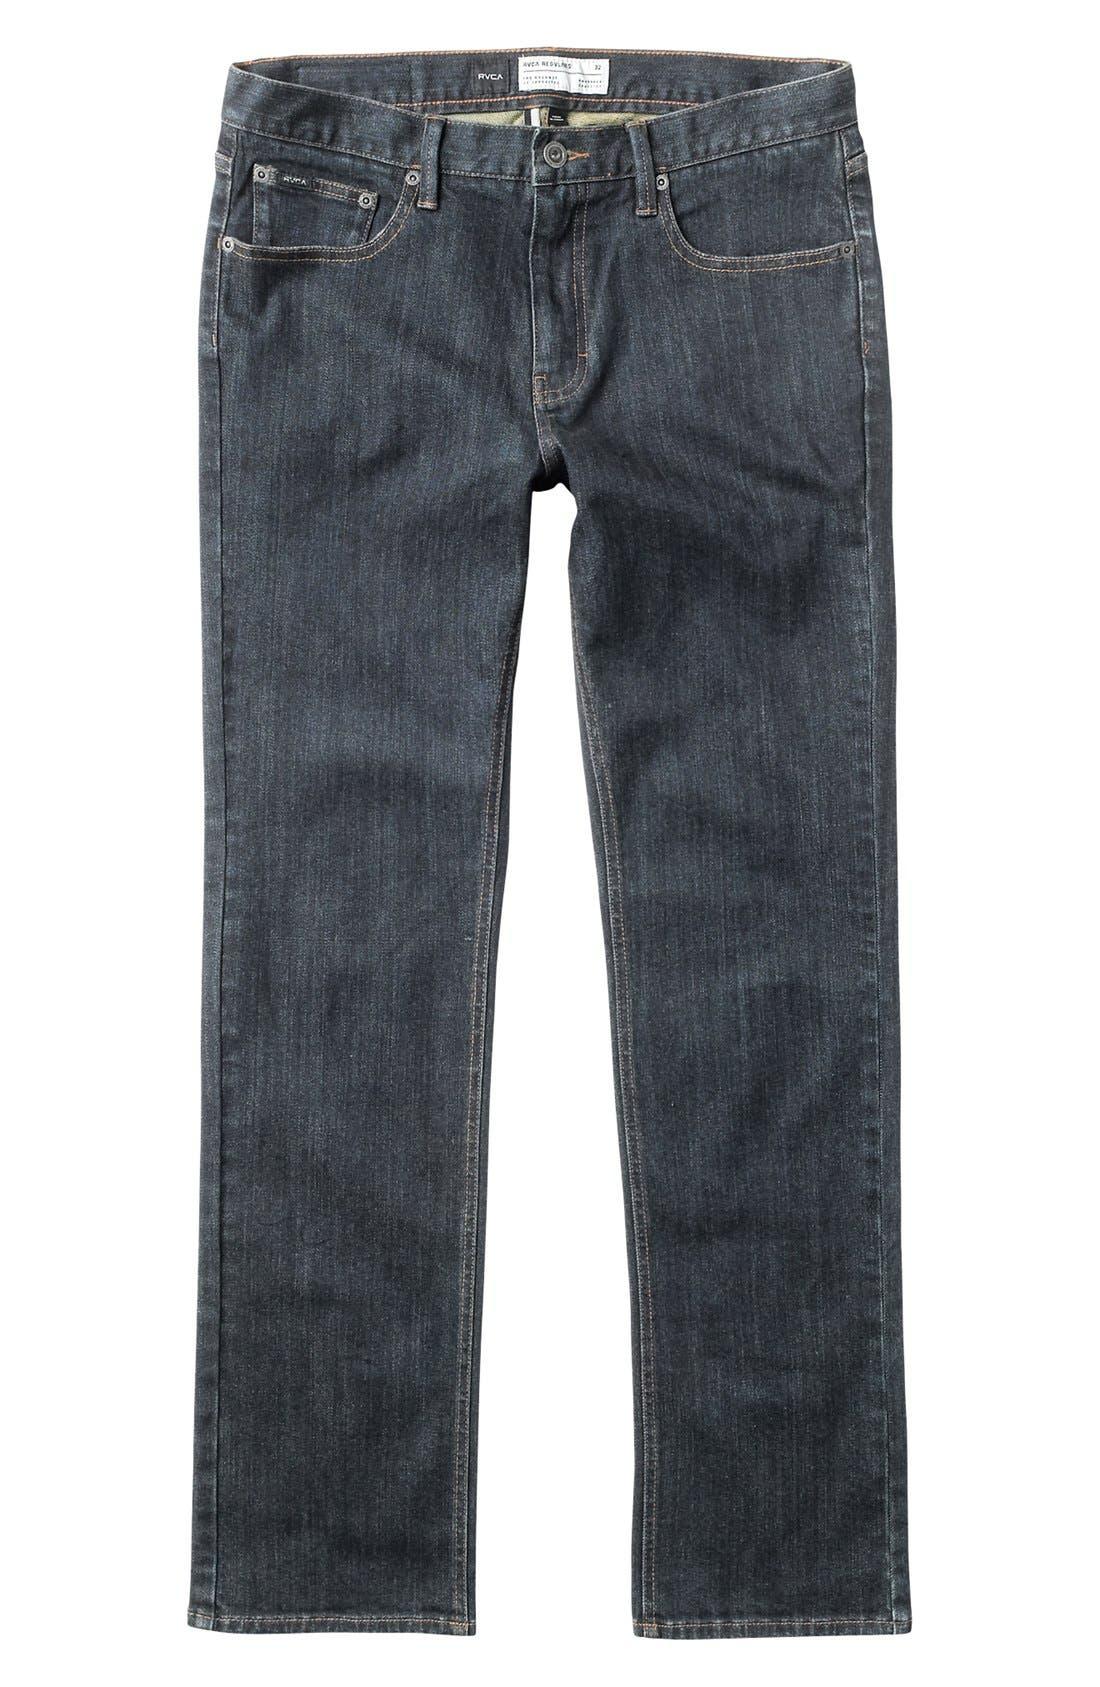 Alternate Image 1 Selected - RVCA 'Regulars II' Straight leg Jeans (Big Boys)